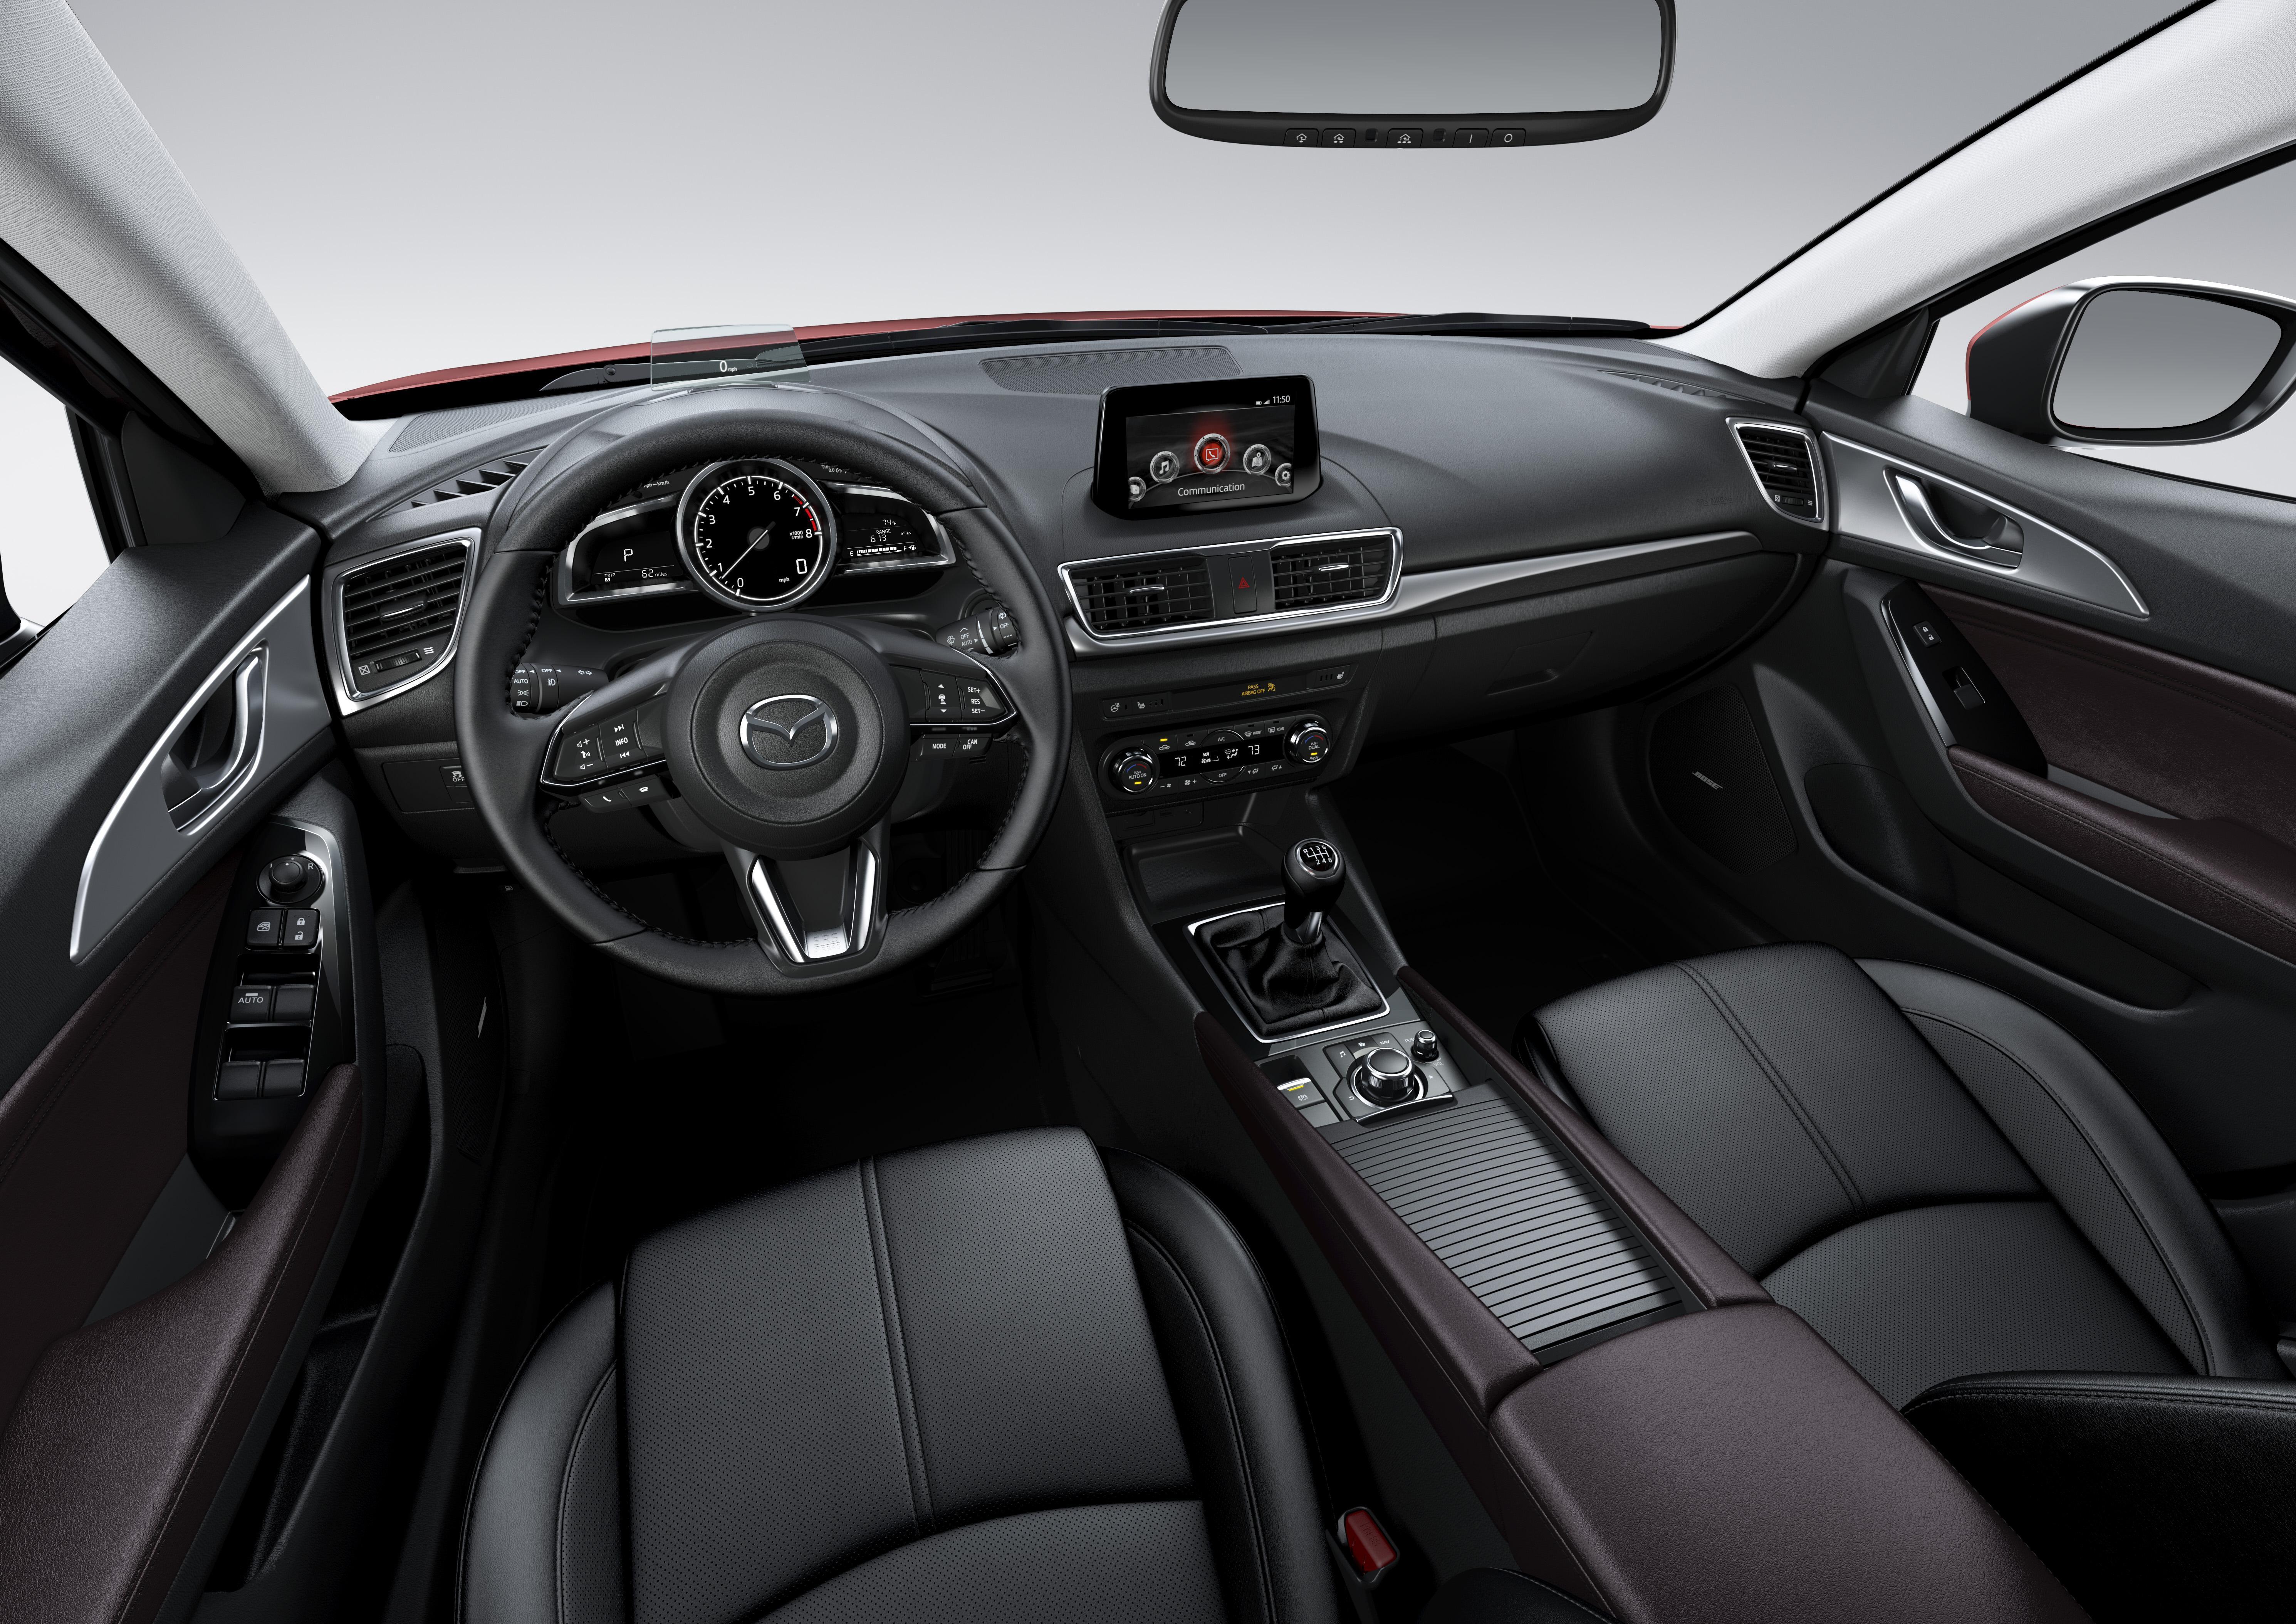 Learn about the Mazda3 at Moffatt's Mazda.